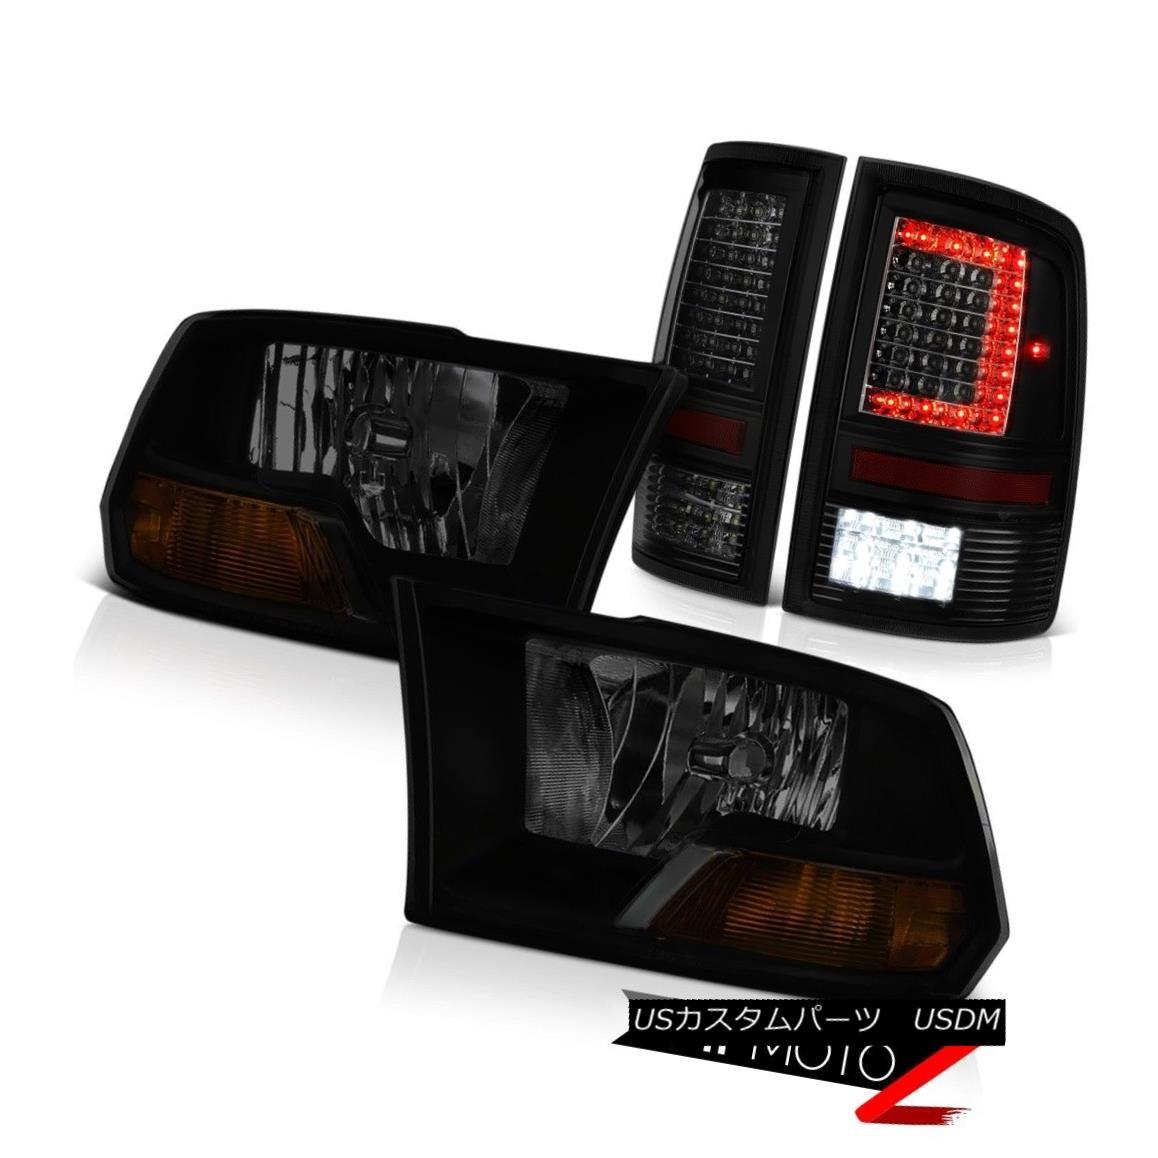 ヘッドライト 09 10 11-18 Dodge RAM 3500 Darkest Smoke Tail Lamp Factory Style Headlights PAIR 09 10 11-18ダッジRAM 3500暗い煙テールランプ工場スタイルヘッドライトPAIR